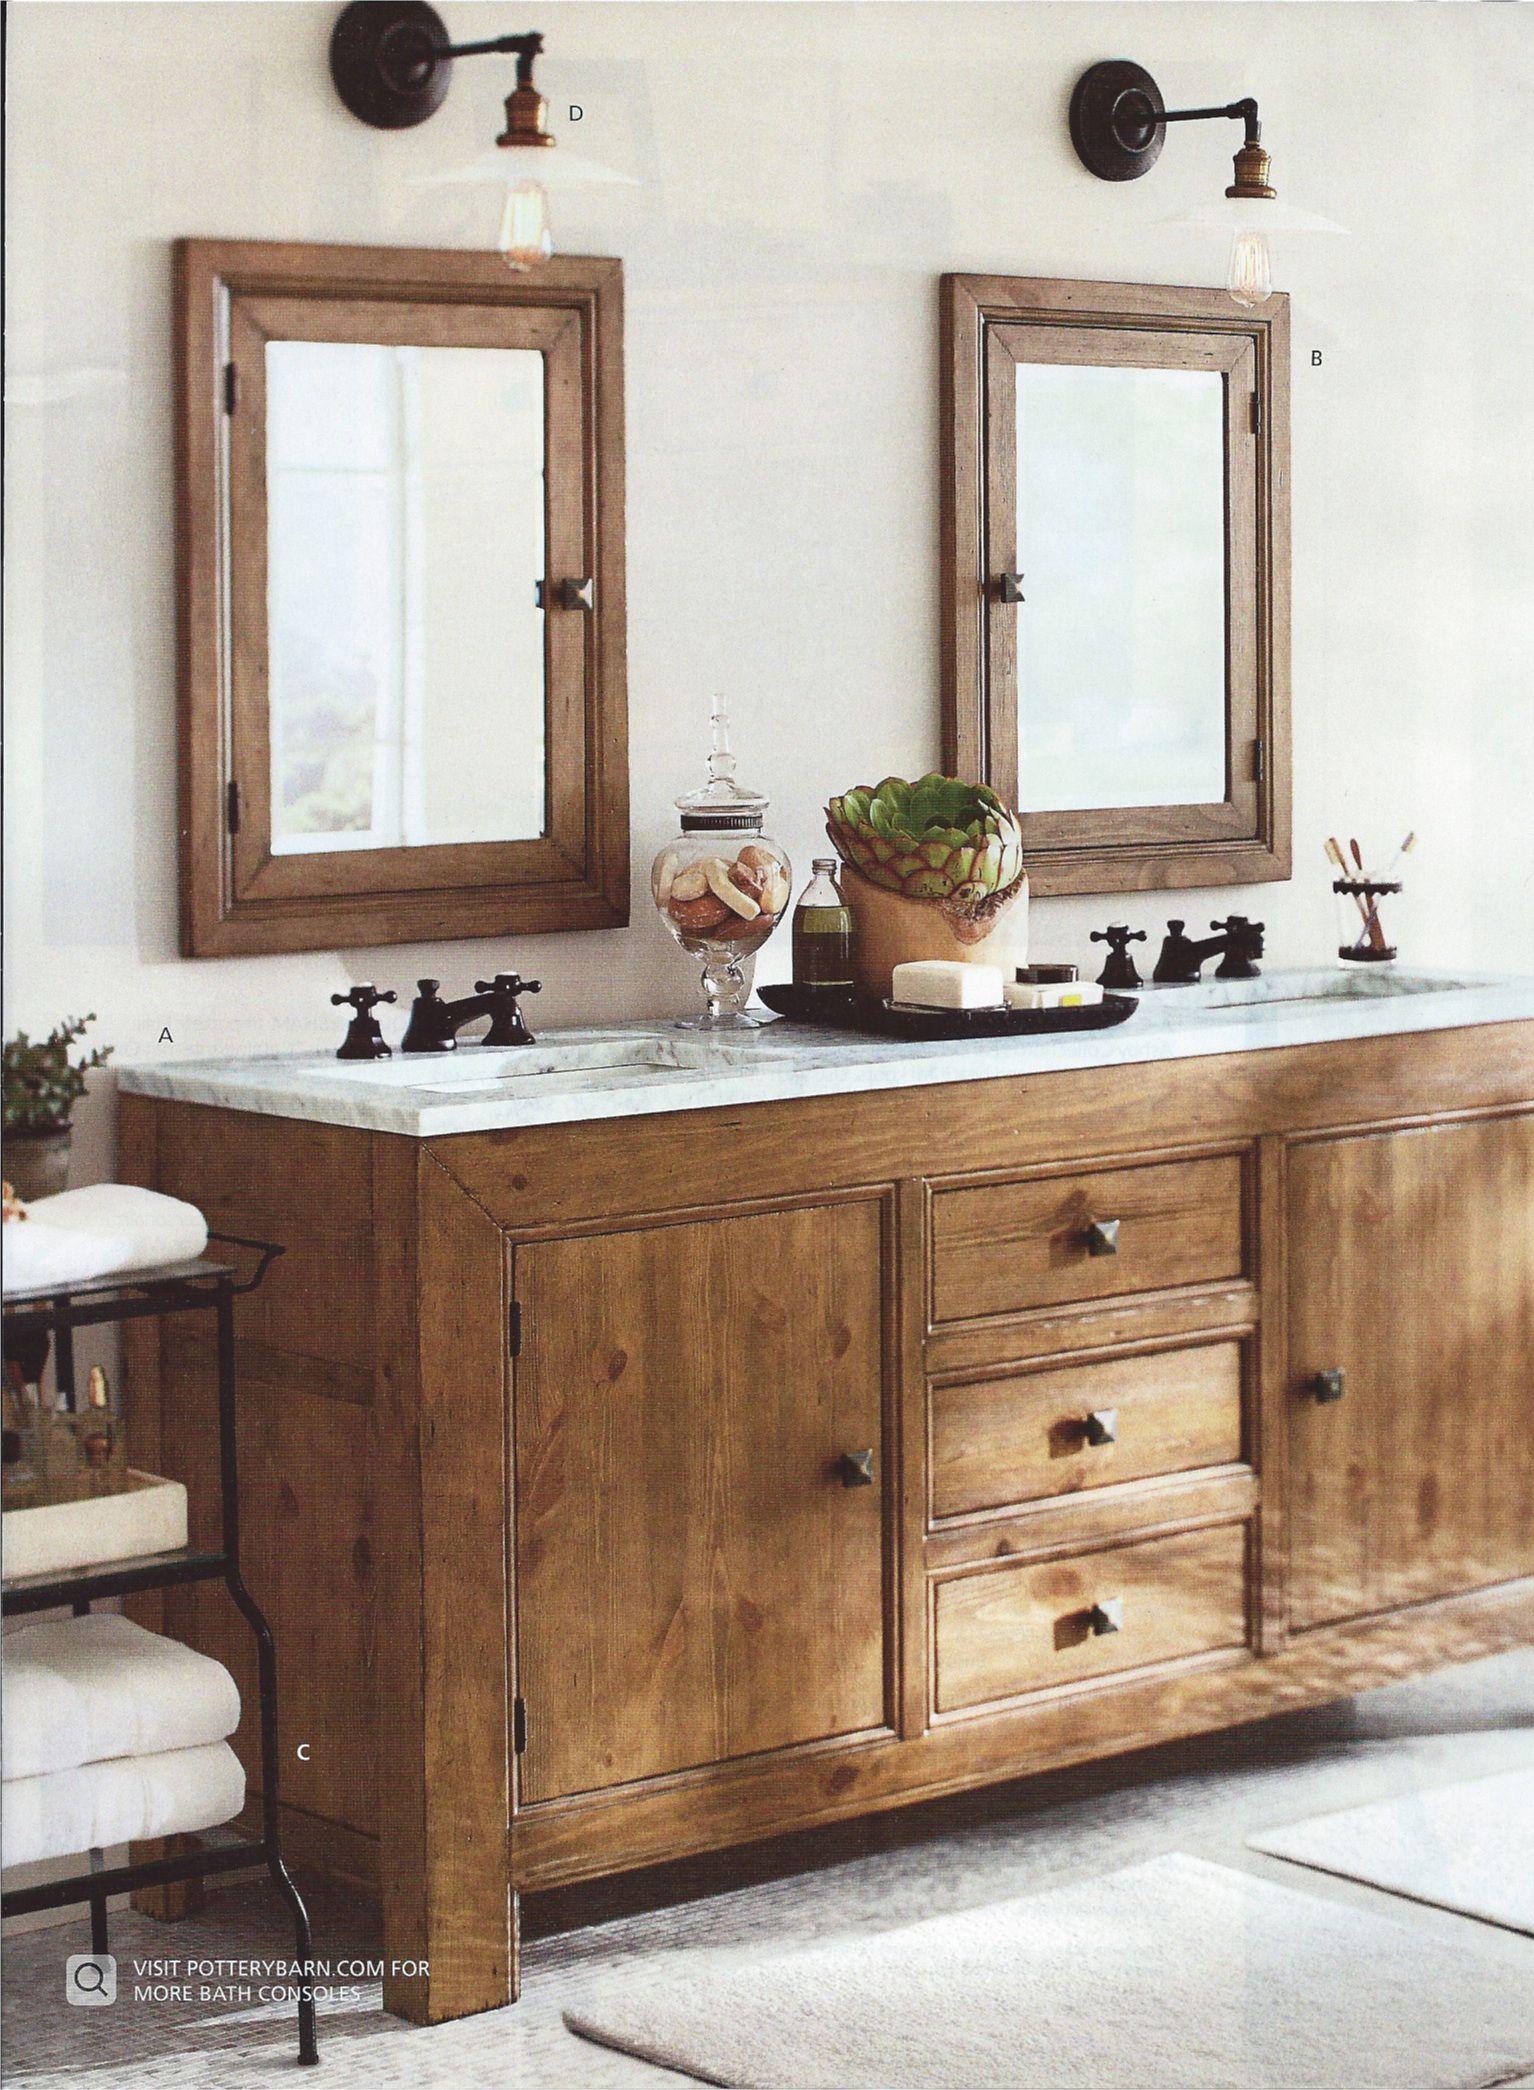 Rustic Bathroom Fixtures Pottery Barn Bathroom Wood